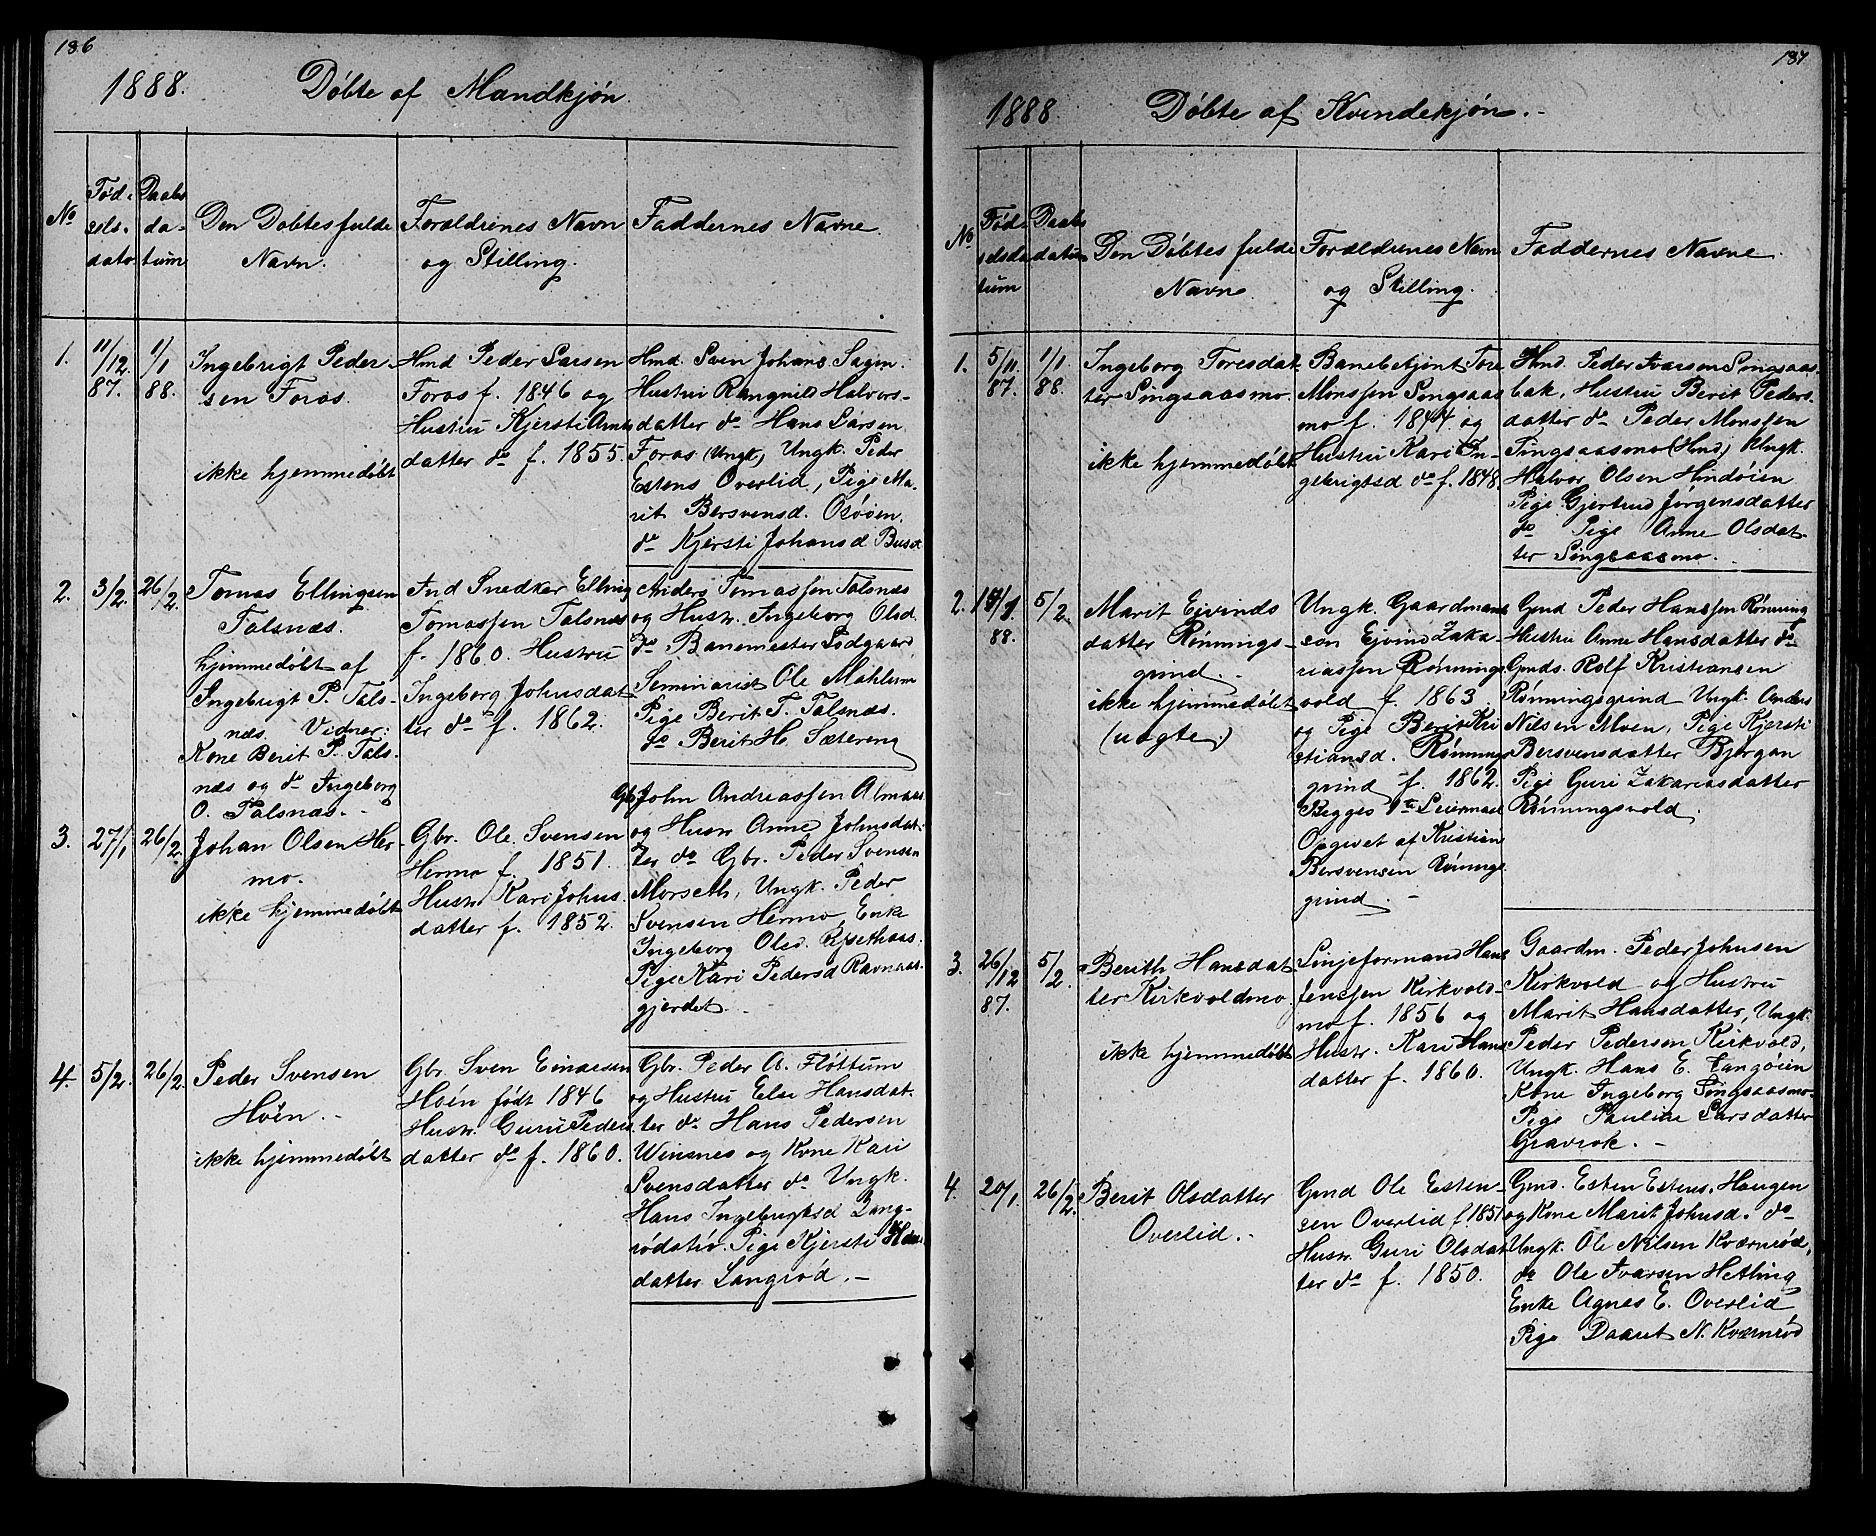 SAT, Ministerialprotokoller, klokkerbøker og fødselsregistre - Sør-Trøndelag, 688/L1027: Klokkerbok nr. 688C02, 1861-1889, s. 186-187